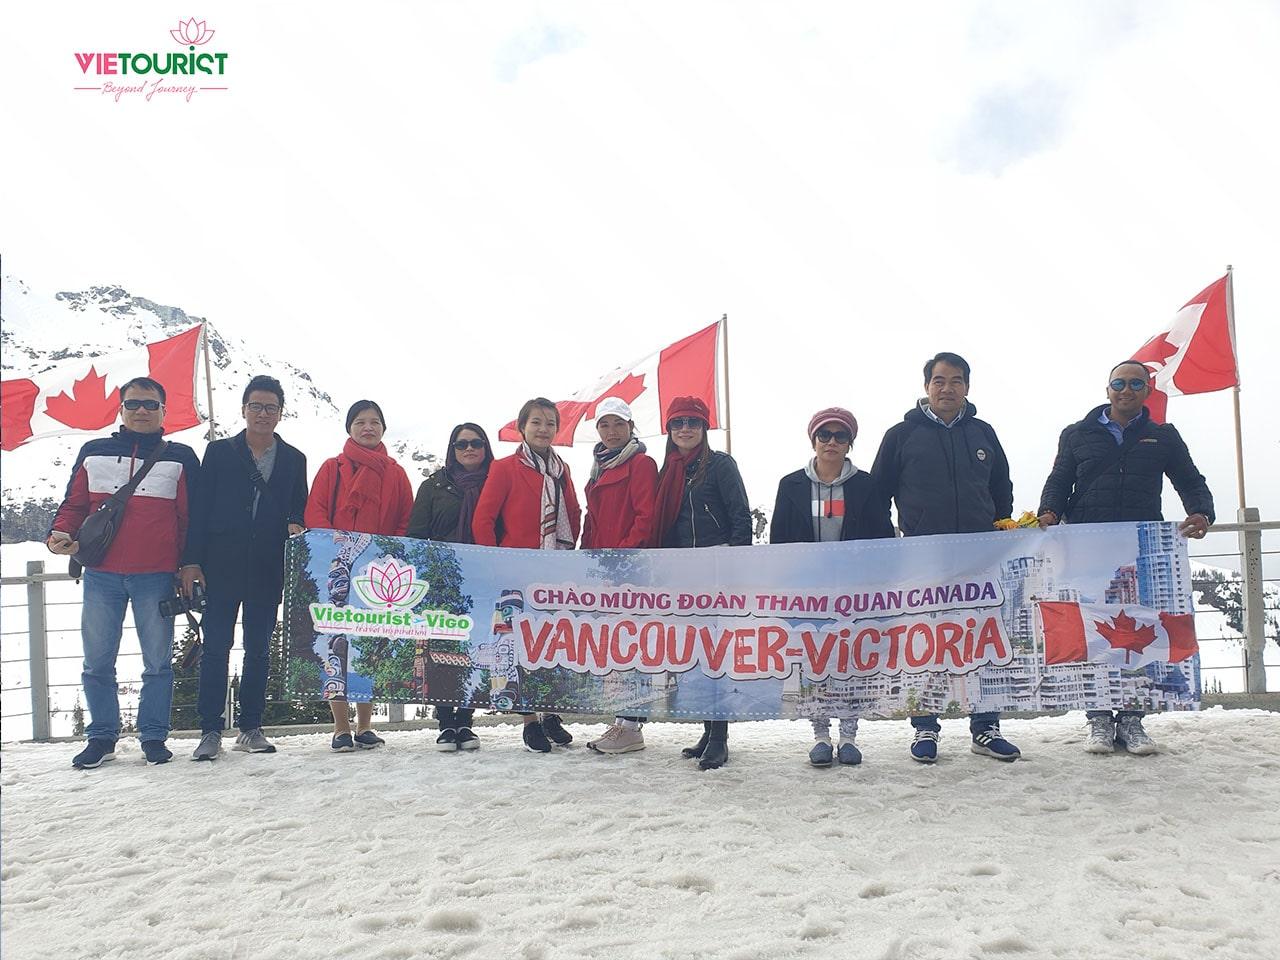 Tại VieTourist hành trình tour Canada trọn gói chỉ từ 46,9 triệu (tour bờ tây)